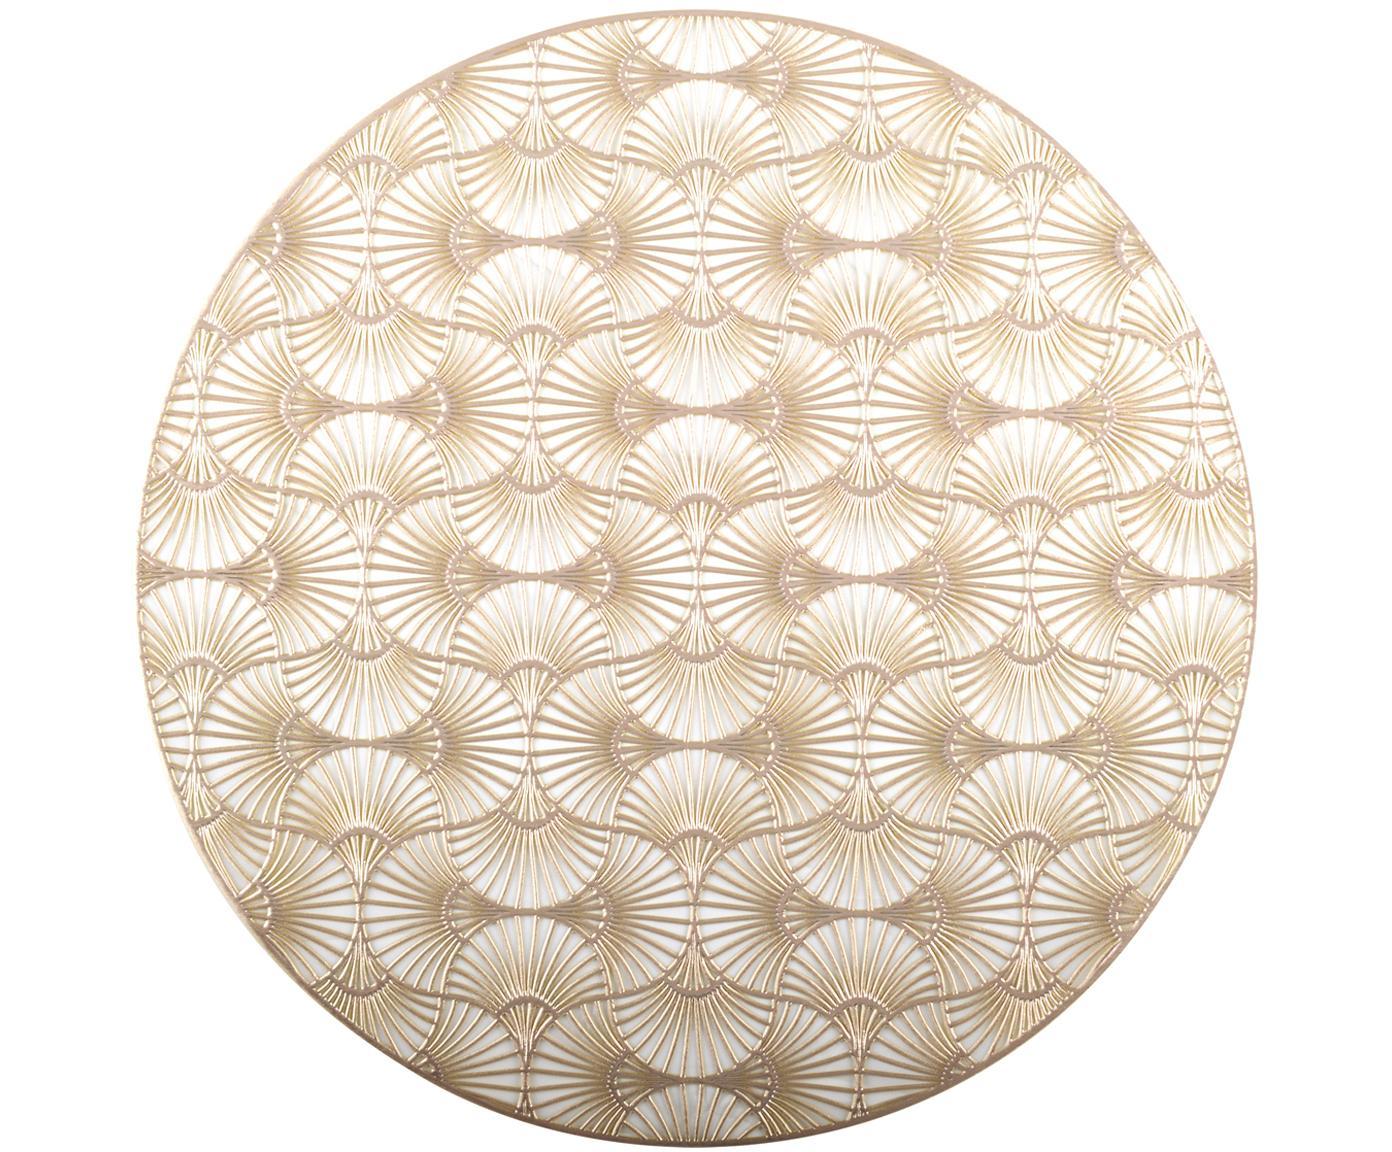 Okrągła podkładka Ginkgo, 2 szt., Tworzywo sztuczne, Odcienie złotego, Ø 38 cm